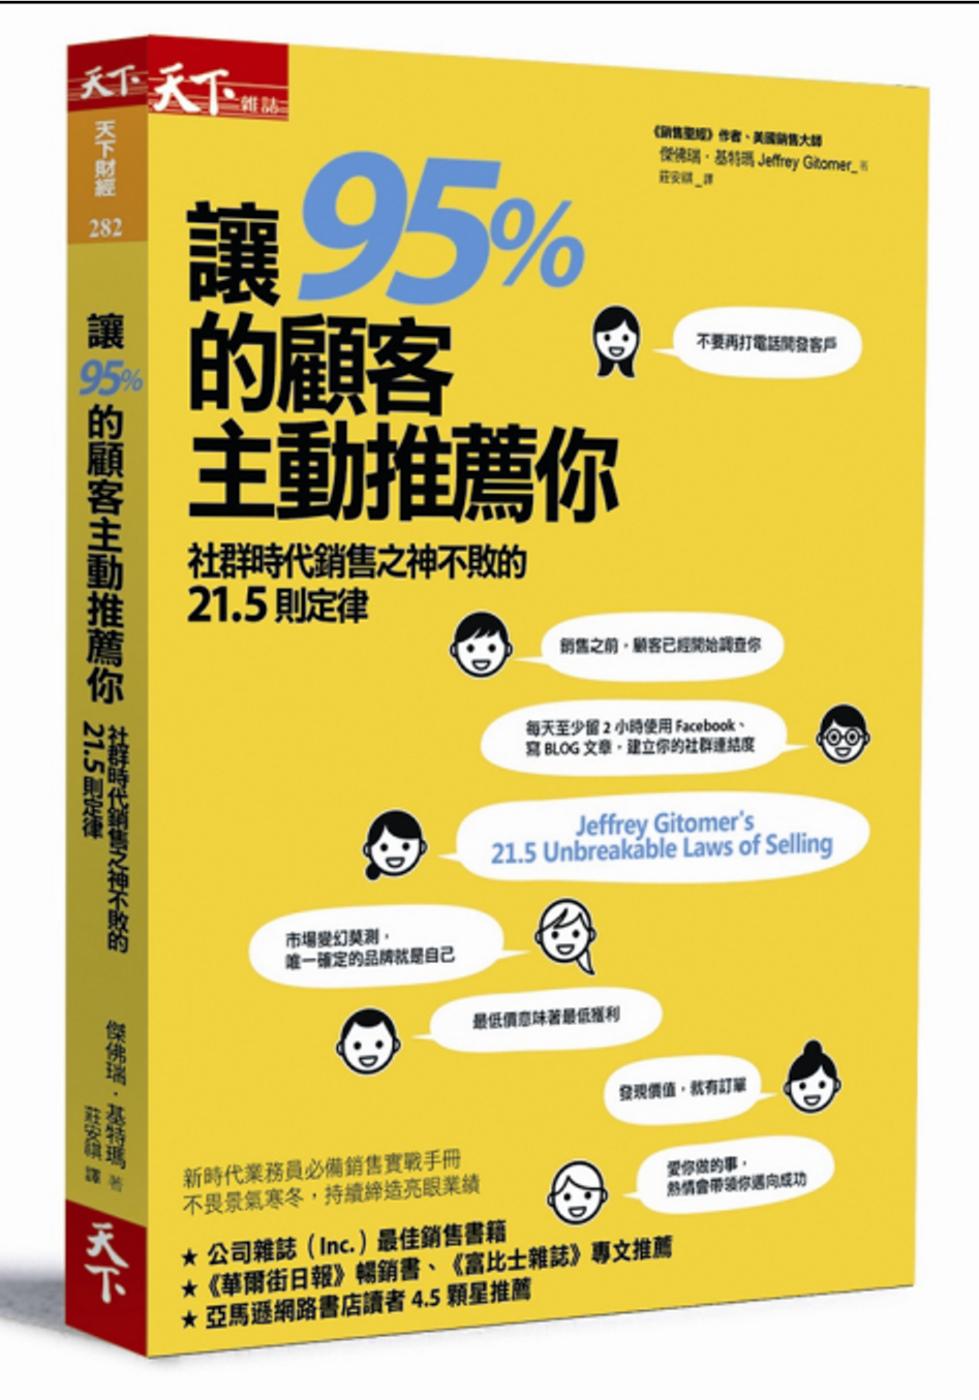 讓95%的顧客主動推薦你:社群時代銷售之神不敗的21.5則定律